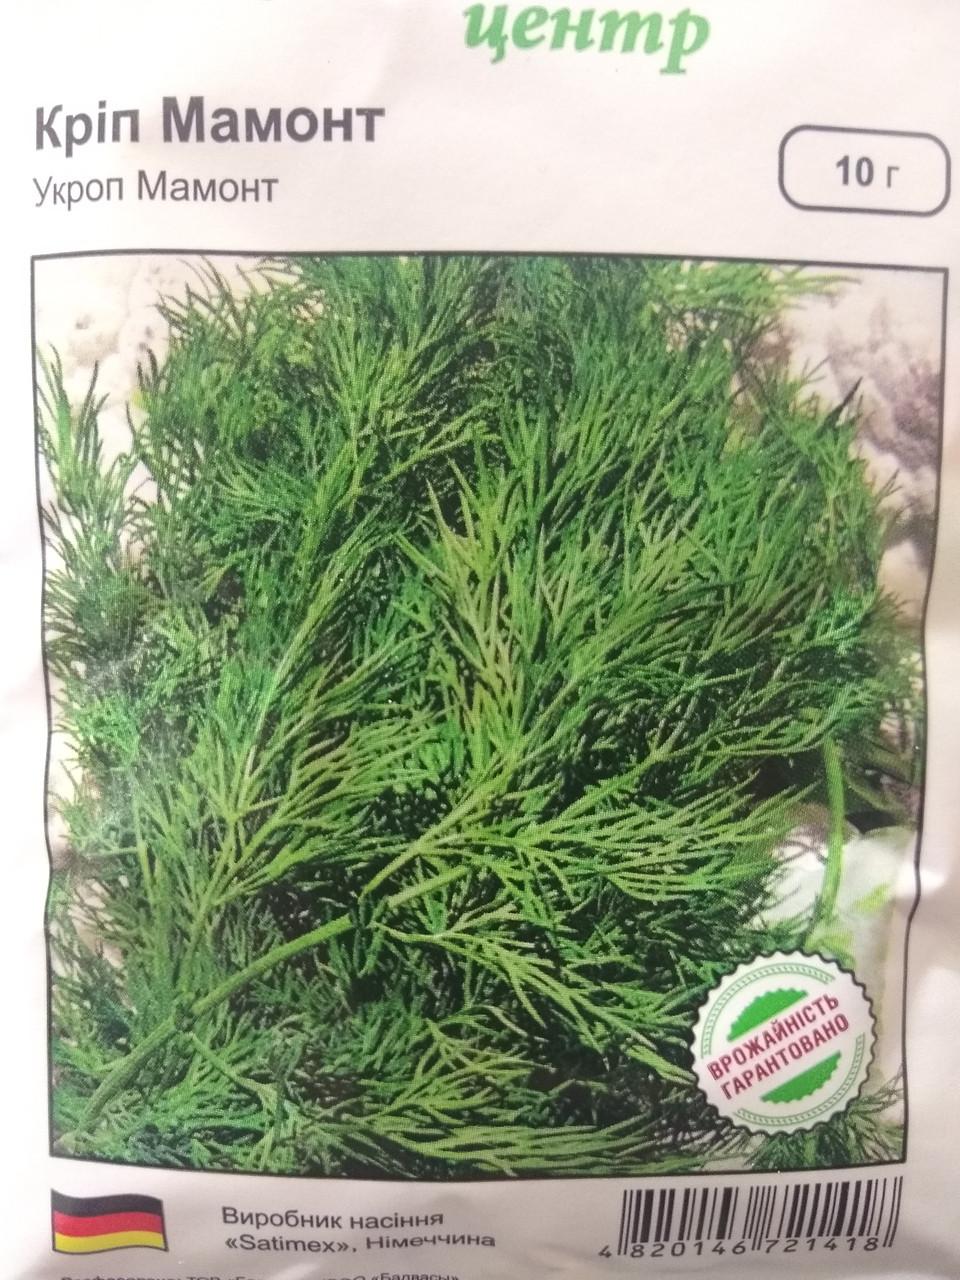 Насіння кропу Мамонт середньостиглий на зріз для зелені 10 грам Satimex Німеччина